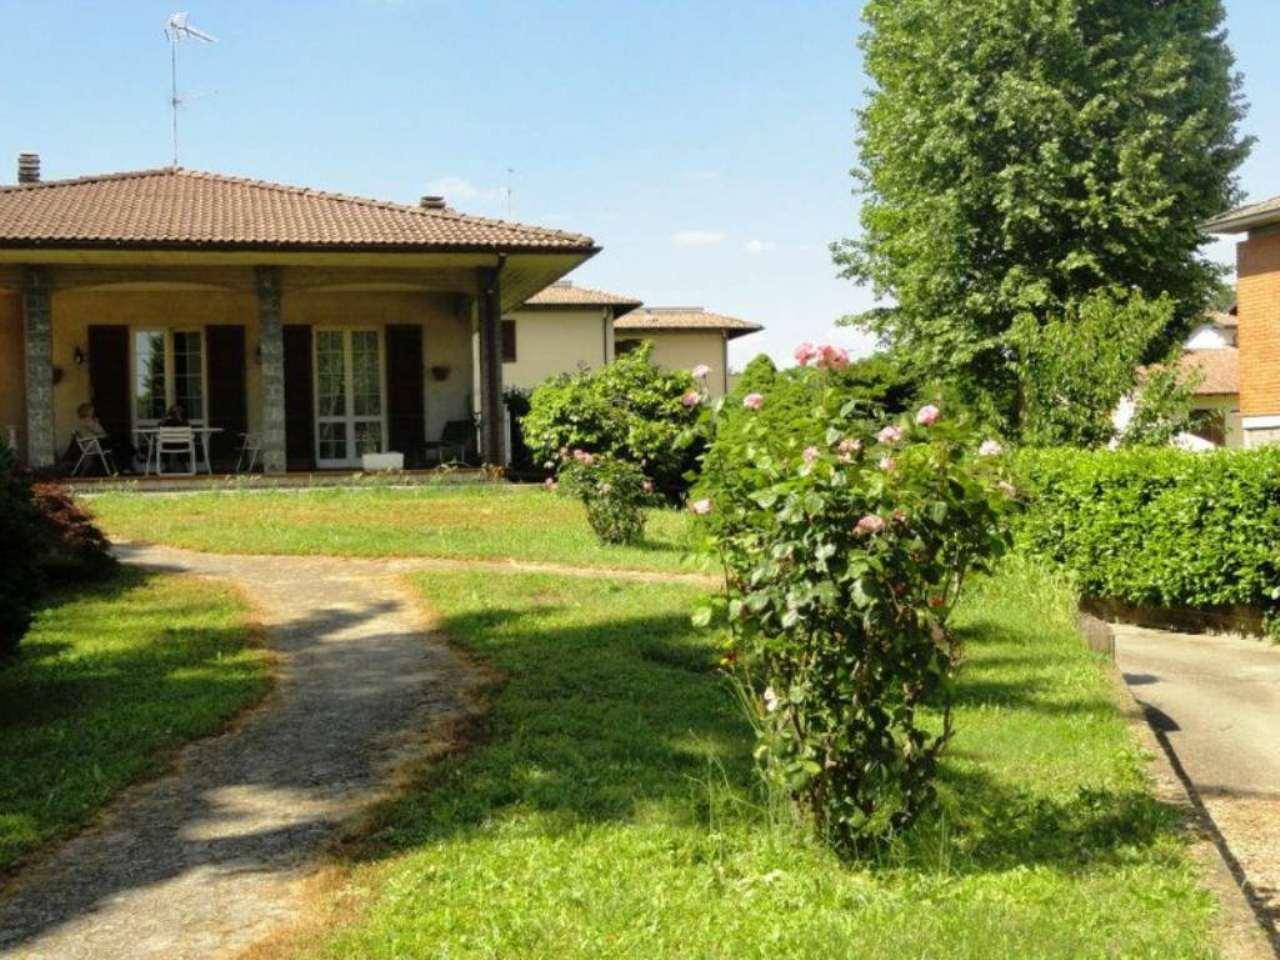 Villa in vendita a Gropello Cairoli, 6 locali, prezzo € 310.000 | CambioCasa.it